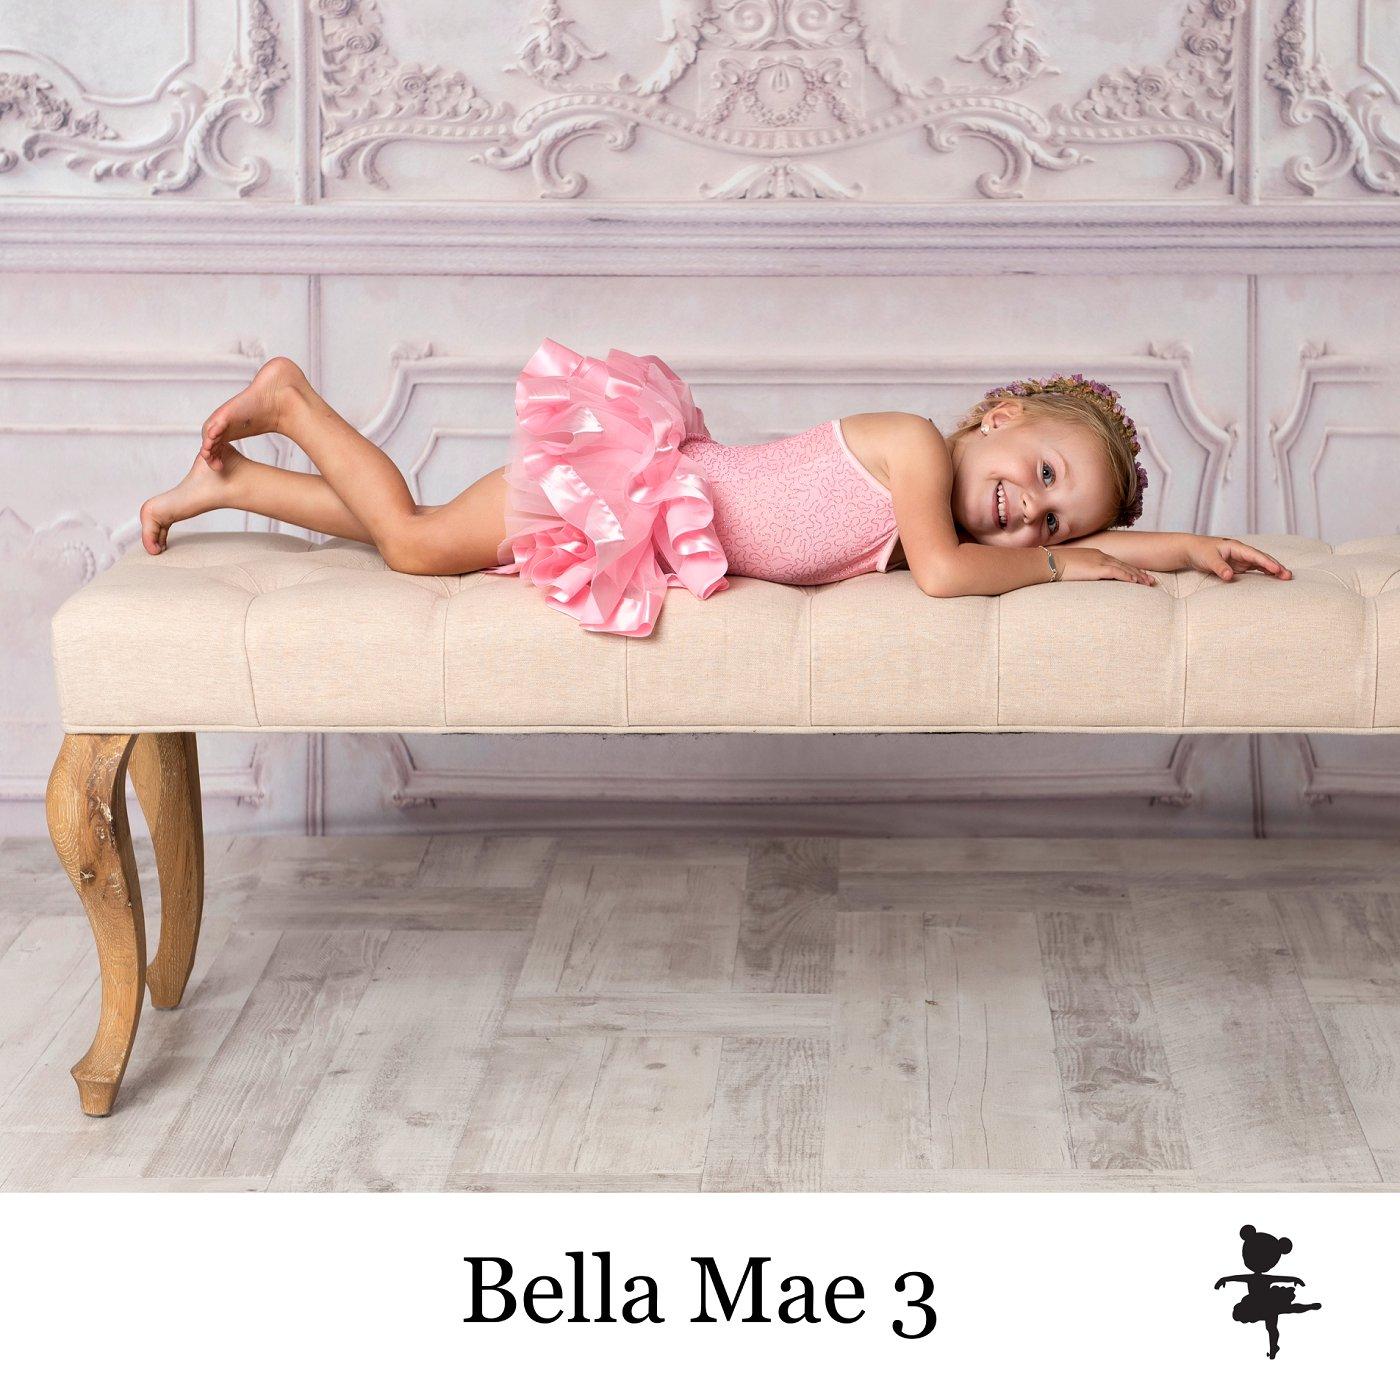 LB3719_Bella Mae 3.jpg